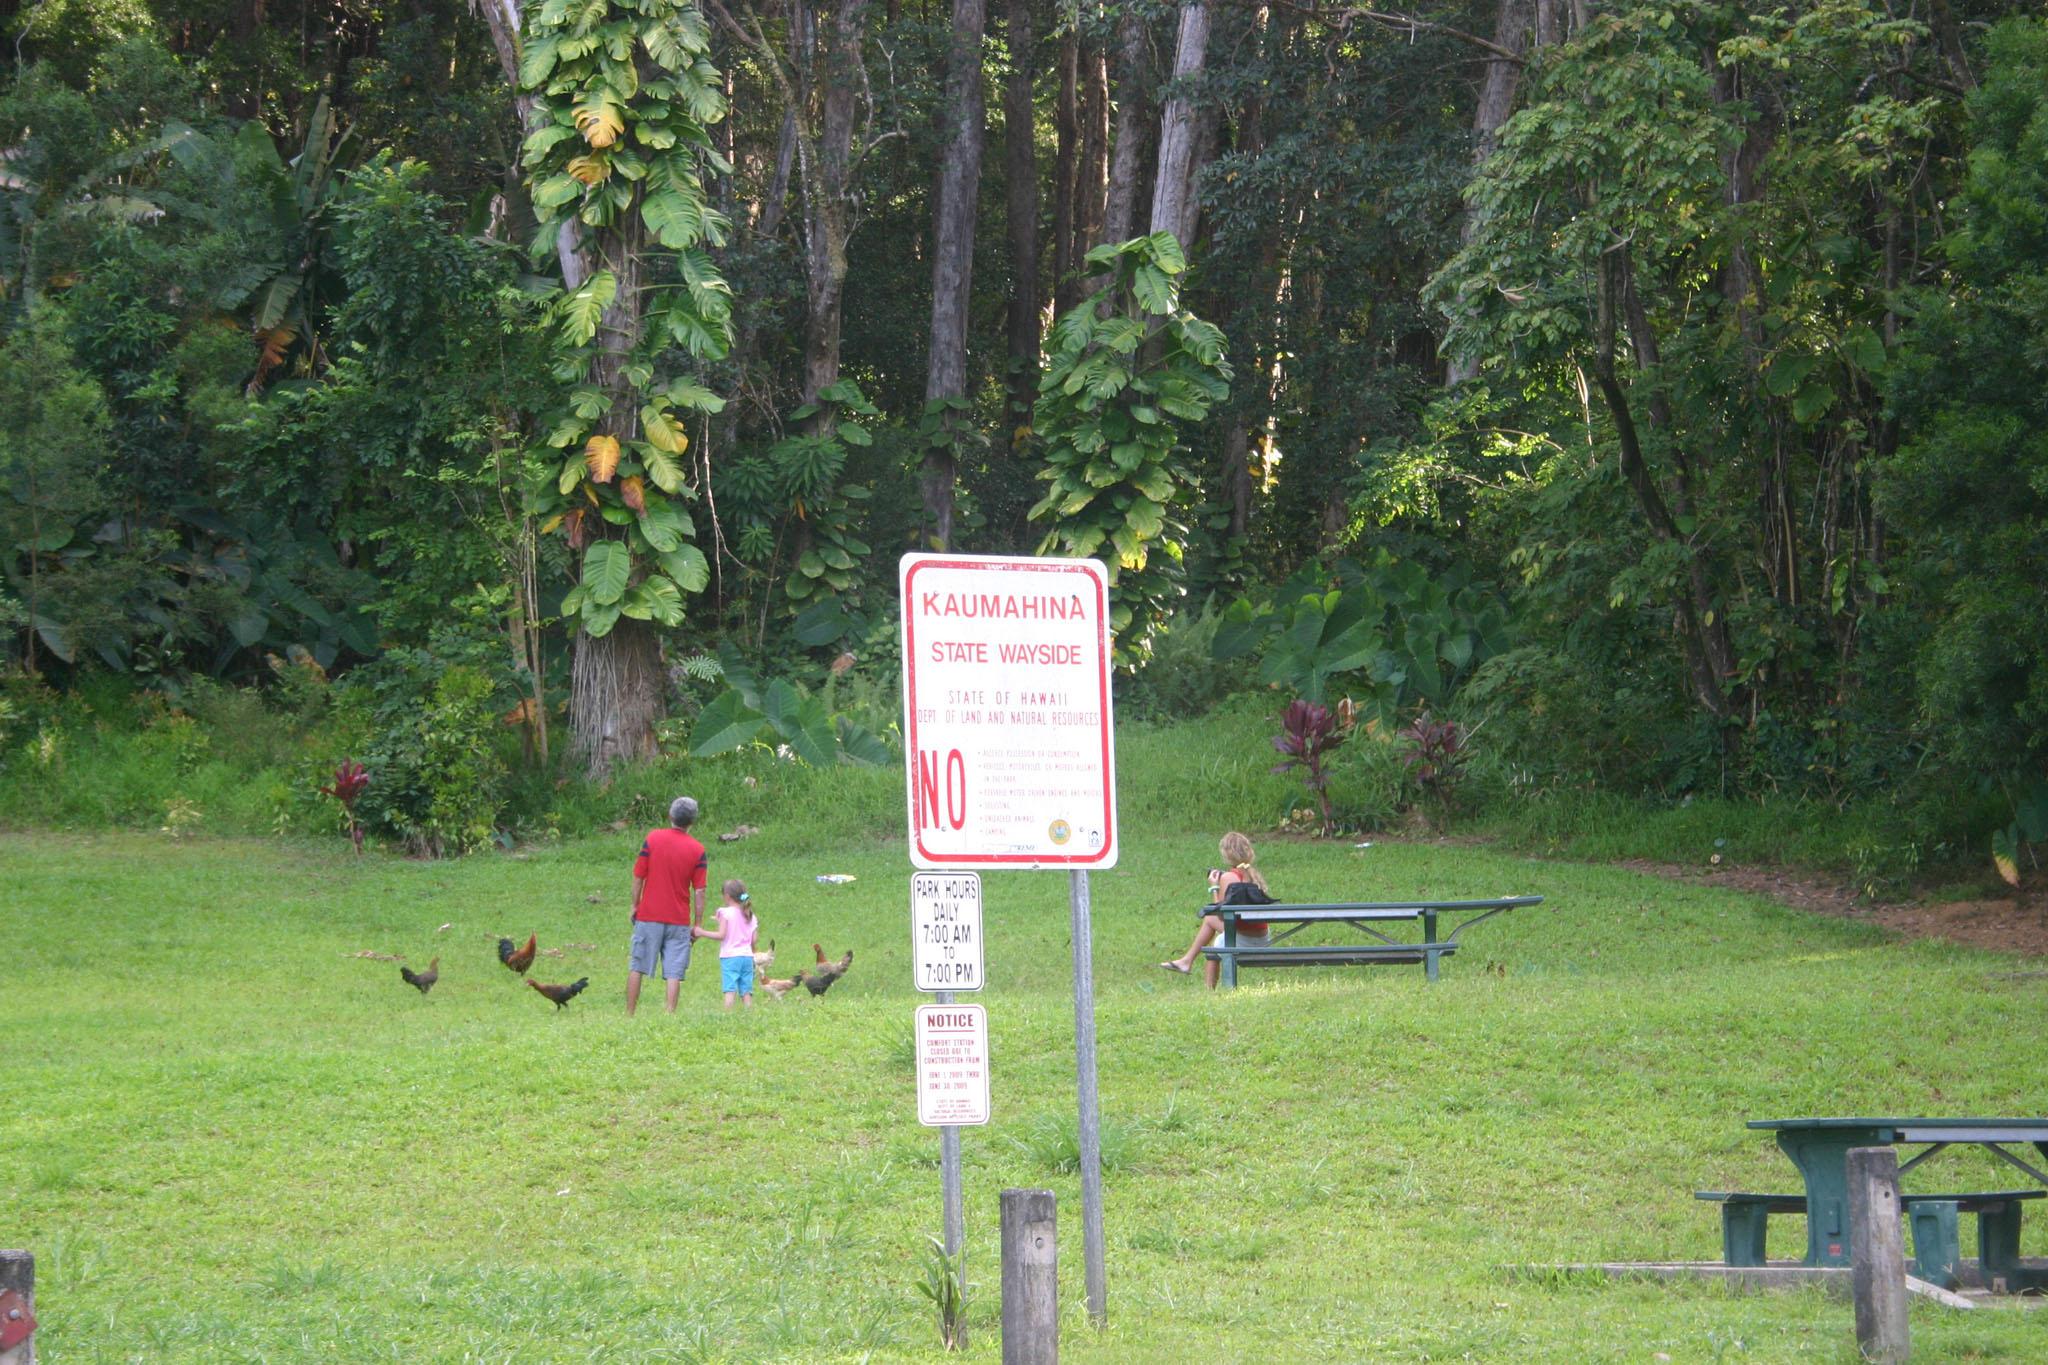 Kaumahina State Wayside Maui Guidebook